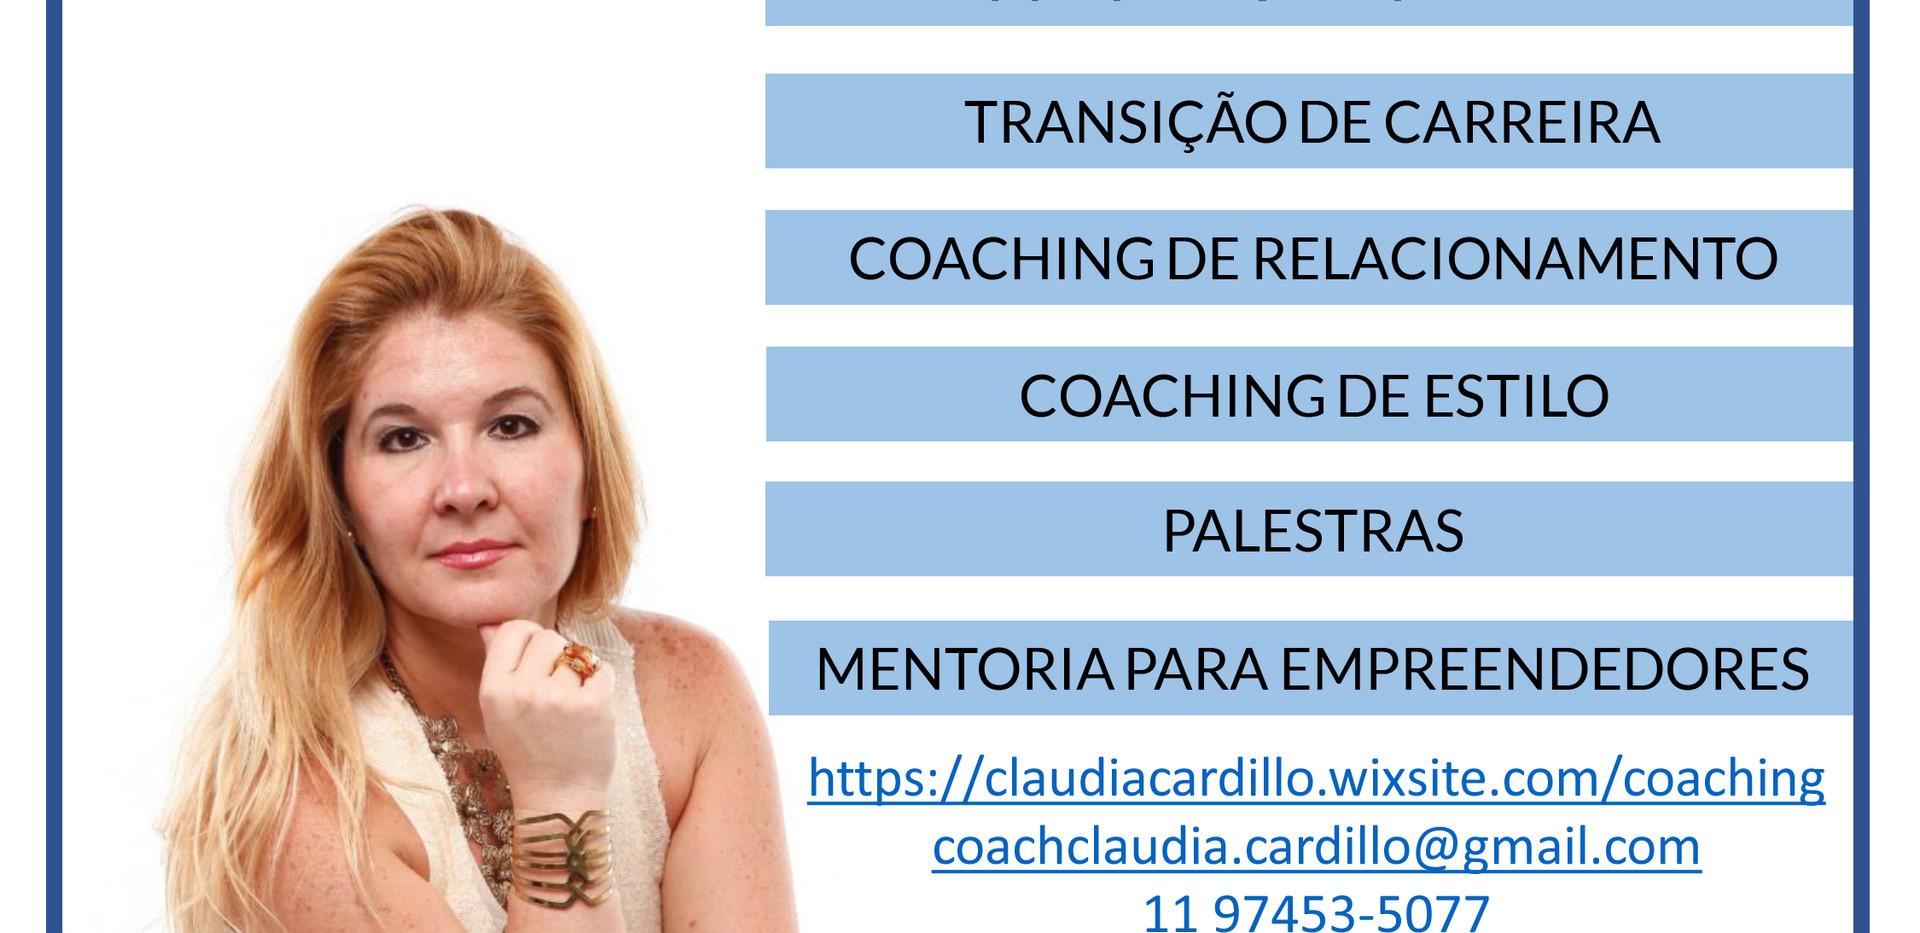 Anuncio-CLAUDIA-CARDILLO.jpg